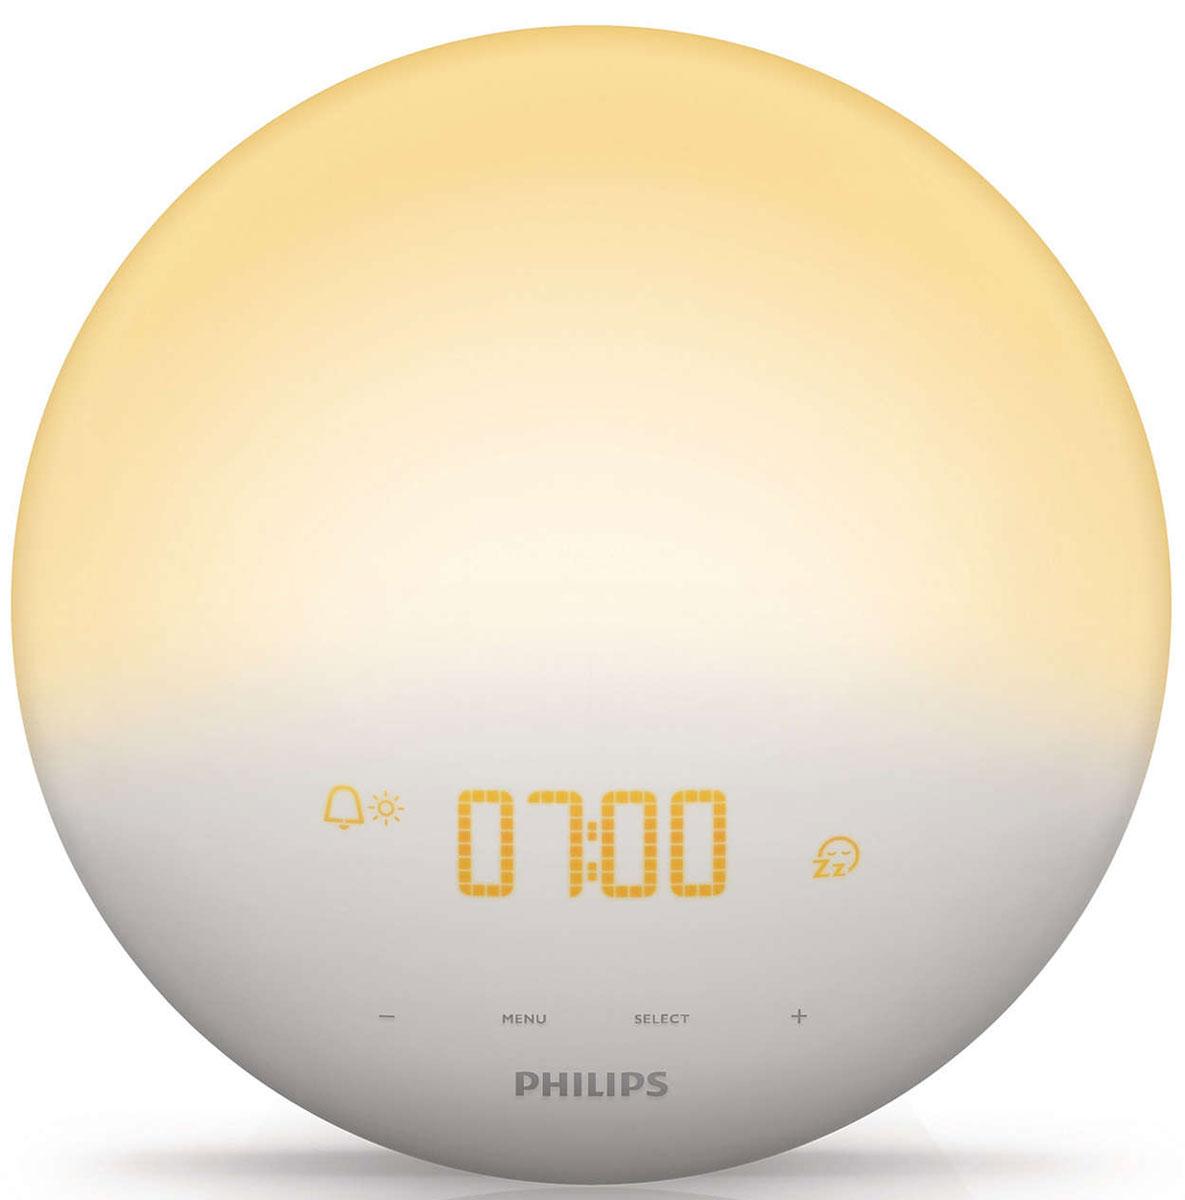 Philips HF3510/70 Wake-up Light световой будильникHF3510/70Идею этого будильника подсказала сама природа. Philips Wake-up Light обеспечивает естественное пробуждение при помощи уникального сочетания света и звука. Теперь Вы будете просыпаться по утрам легче и в хорошем настроении Постепенное пробуждение благодаря имитации рассвета: Имитируя естественный рассвет солнца, свет постепенно становится ярче: в течение 30 минут он плавно переходит в желтый оттенок дневного света. Такое постепенное нарастание света помогает организму проснуться естественным образом. И только после этого раздается выбранный вами сигнал — один из звуков природы, который позволит вам полностью проснуться в прекрасном настроении. Звуки природы для будильника: 3 сигнала на выбор: В установленное вами время раздастся сигнал — звук природы, помогающий вам окончательно проснуться. Громкость выбранного Вами звука будет постепенно увеличиваться в течение полутора минут. Вы можете выбрать один из трех звуков природы: пение птиц,...